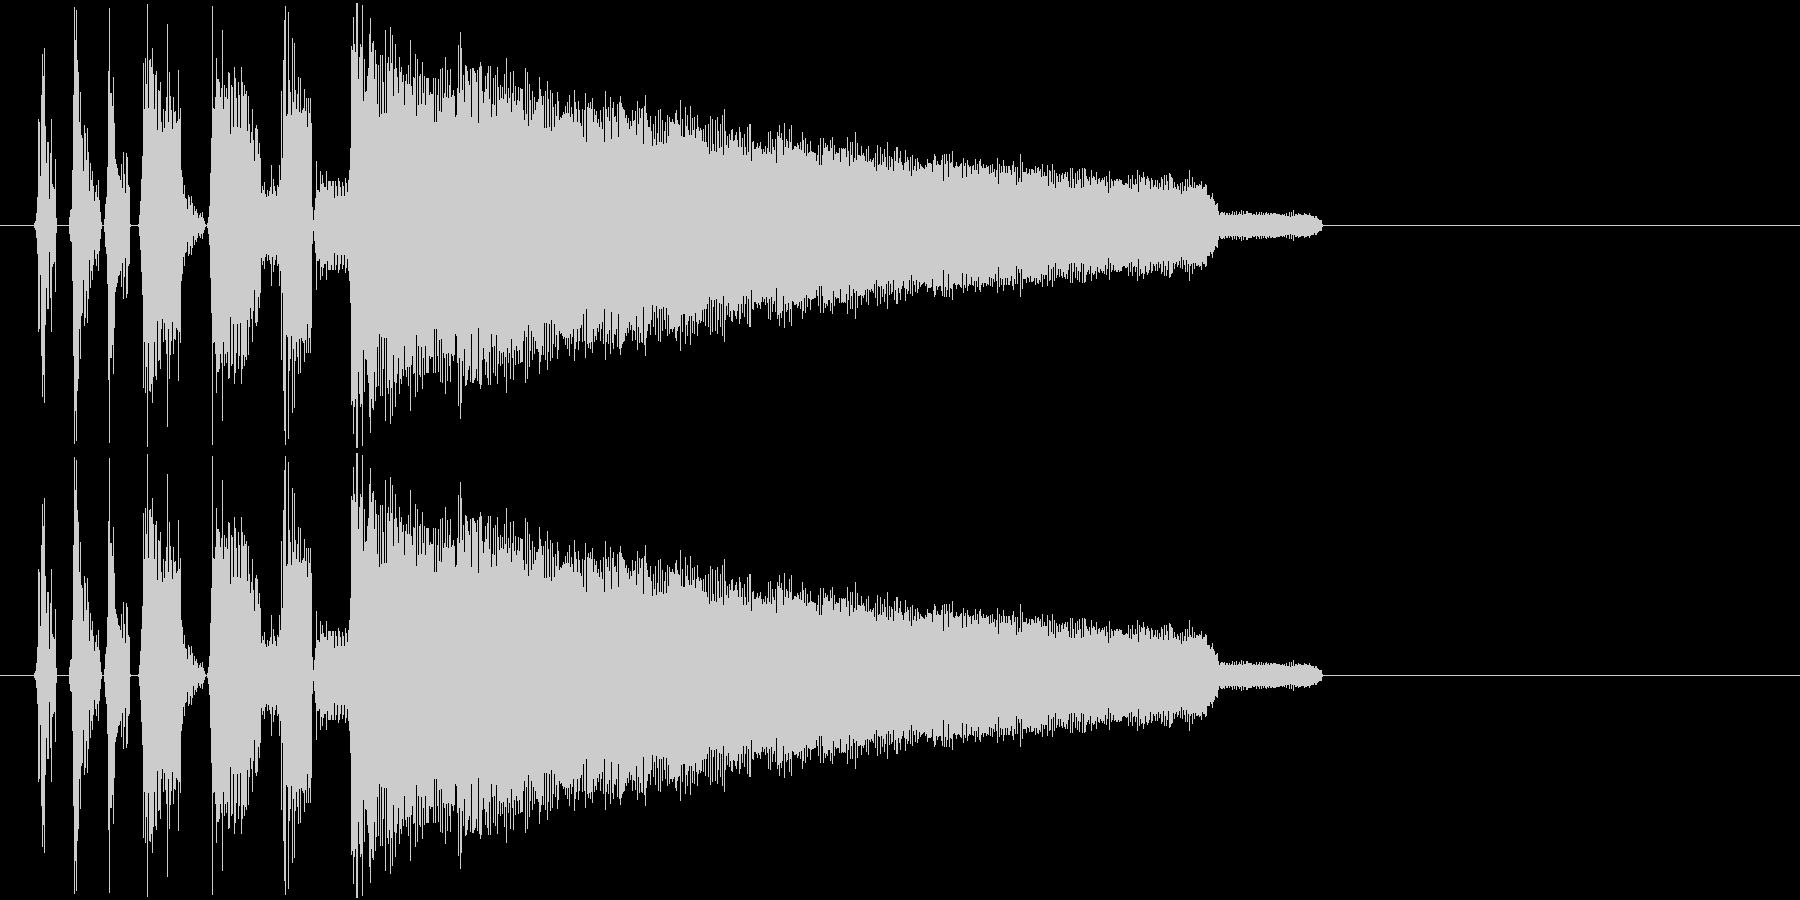 チップチューンのファンファーレジングルの未再生の波形